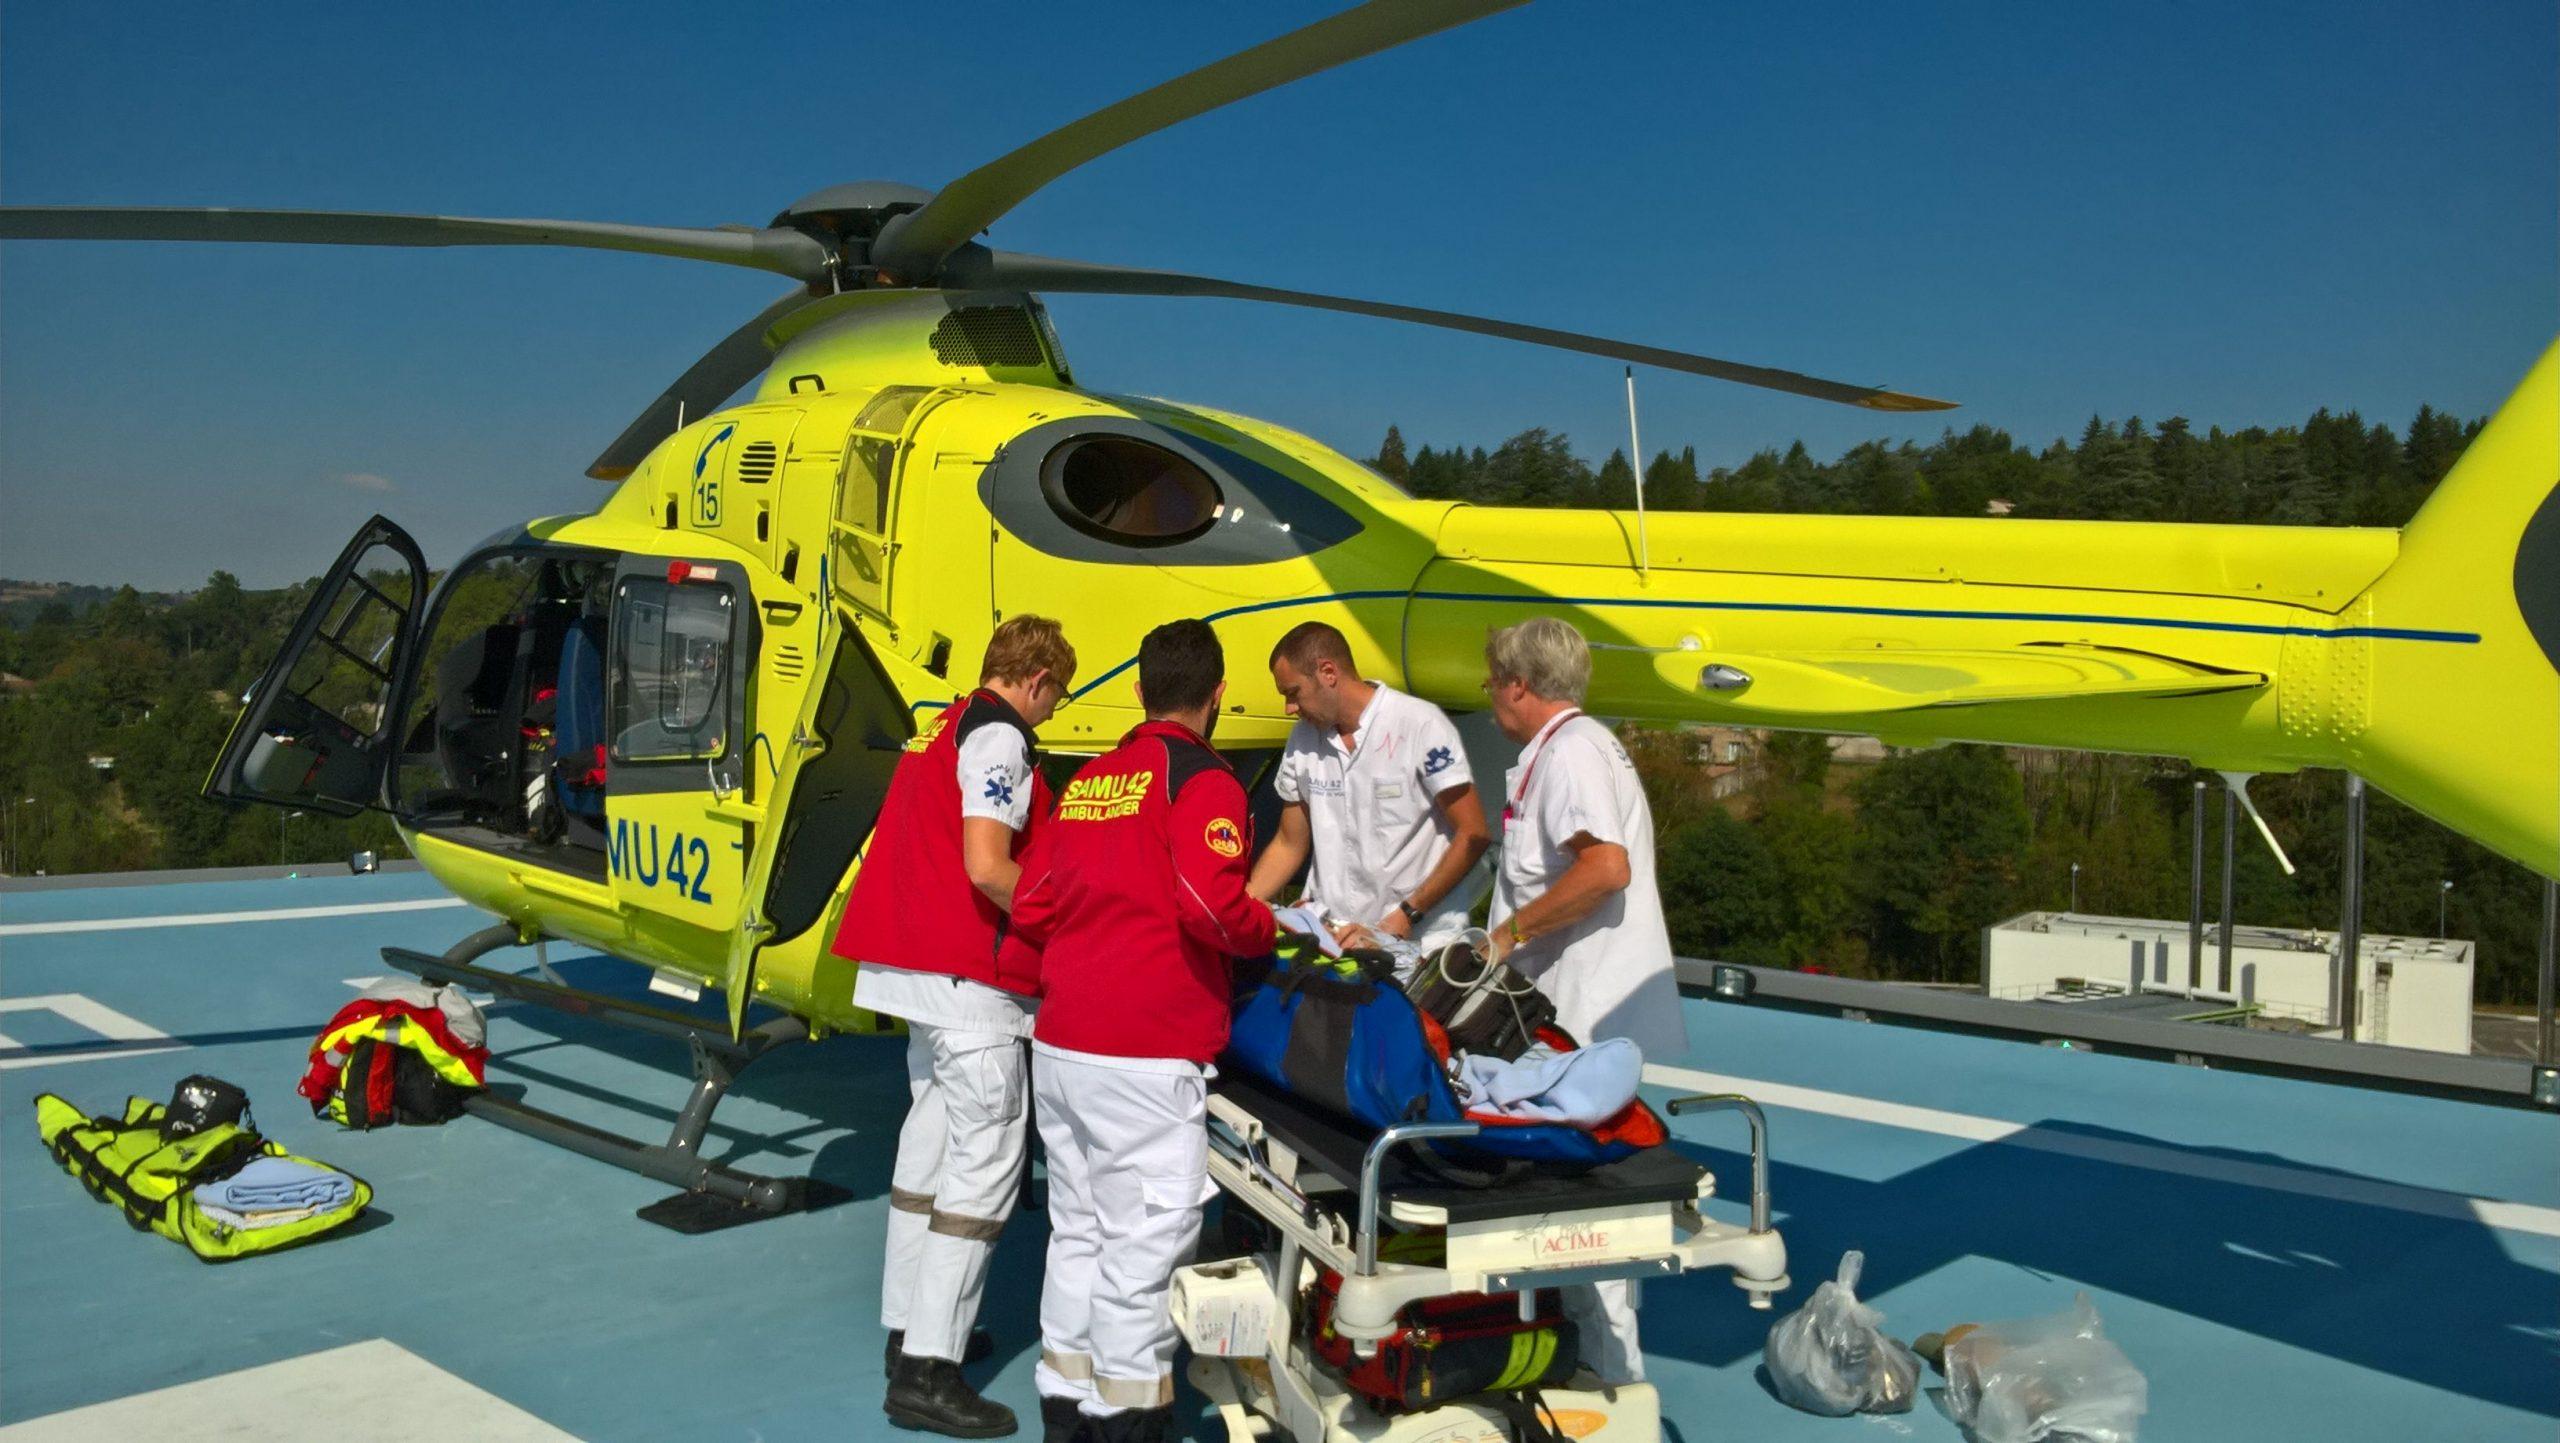 Rejser i udlandet uden rejseforsikring kan være ruinerende dyrt, hvis uheldet er ude. Her pressefoto fra Airbus med en H135-redningshelikopter fra franske SAF Group.